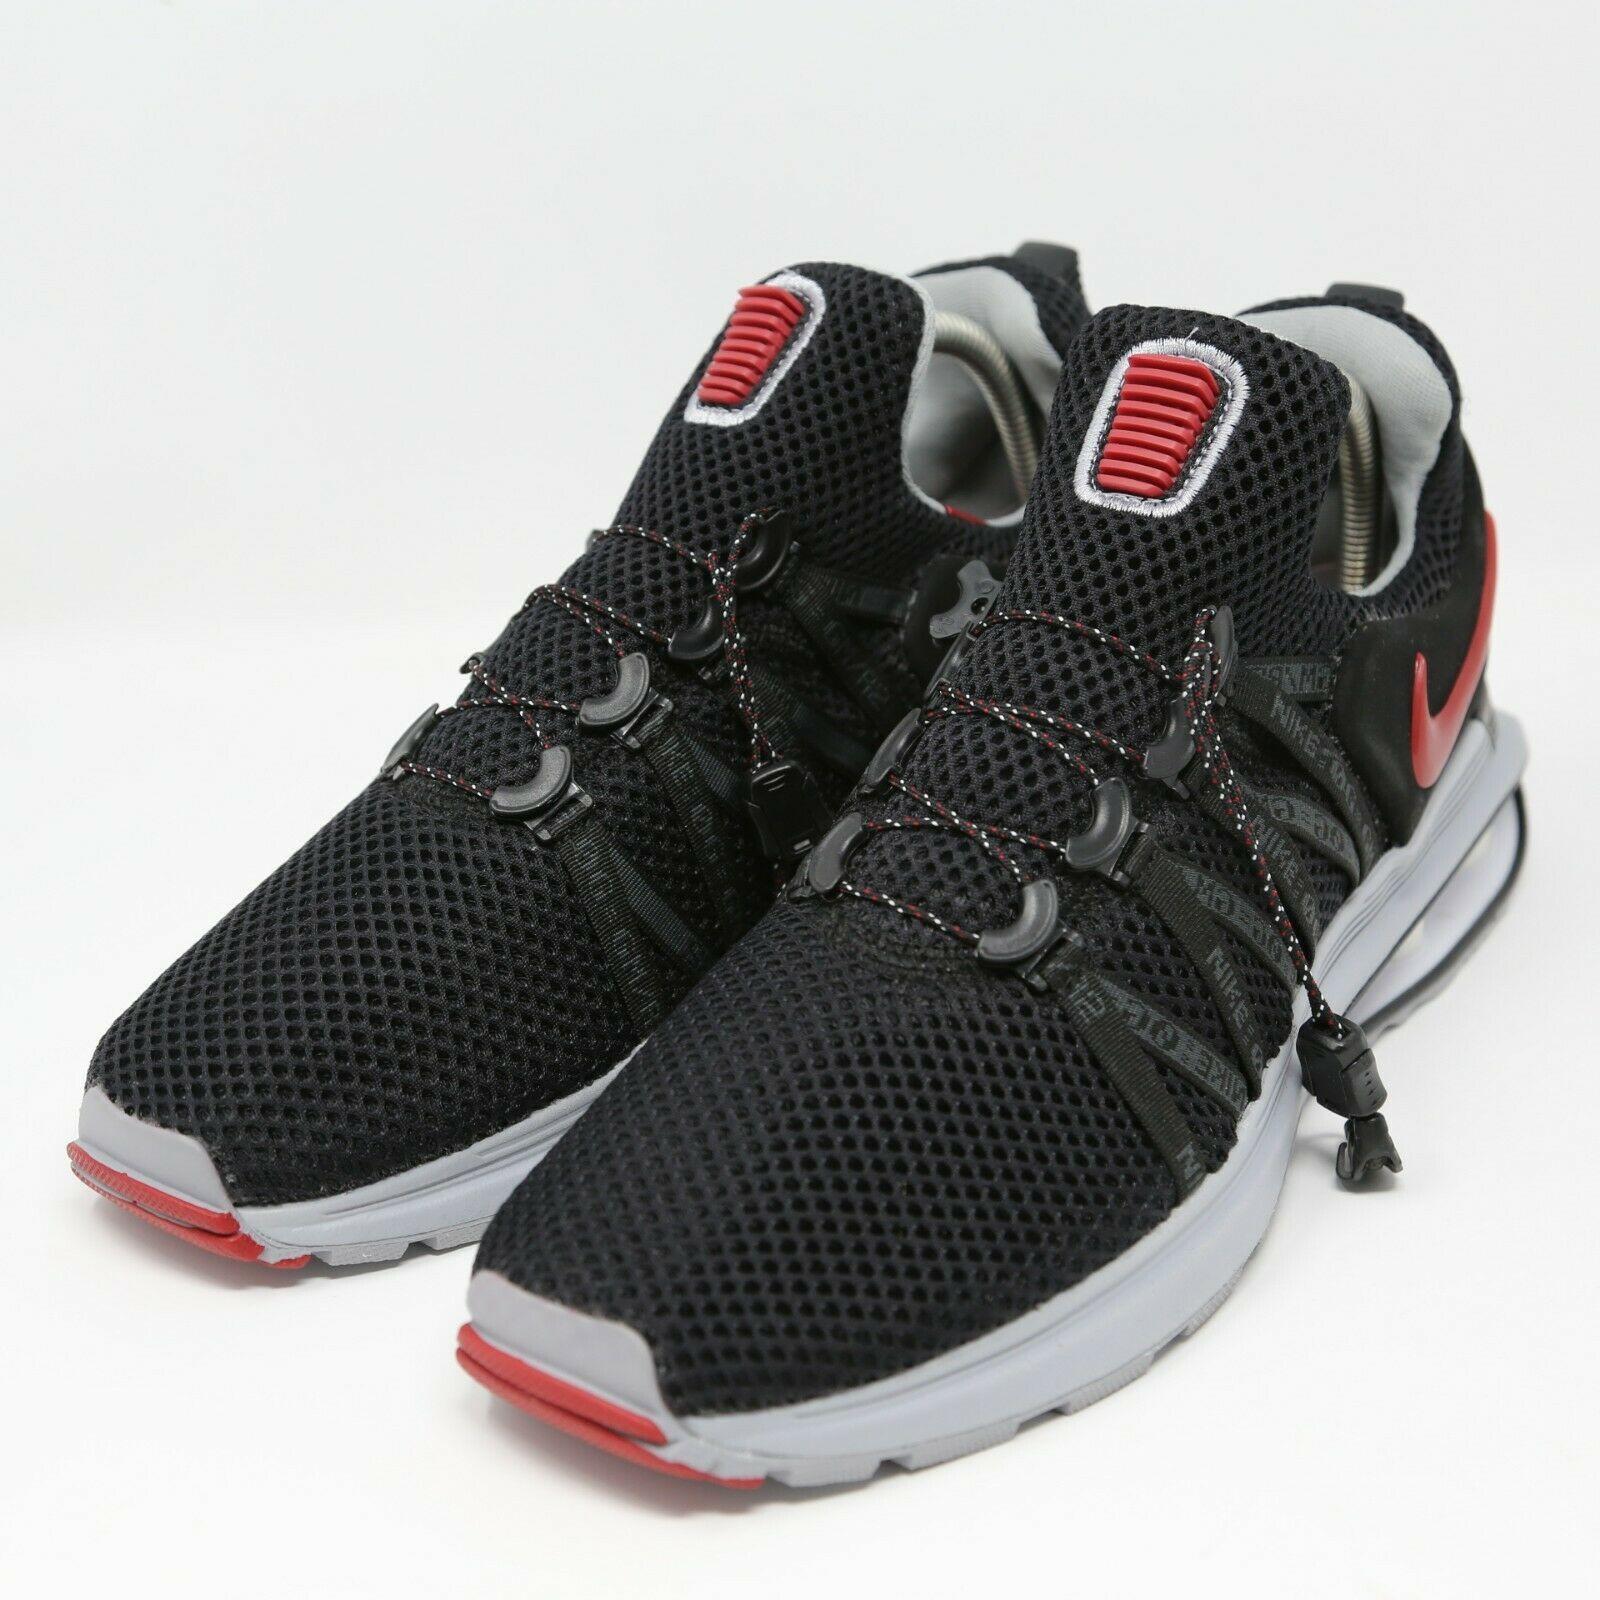 Herren Neu Authentisch Nike Shox R4 Schuhgrößen 8.5 13   eBay